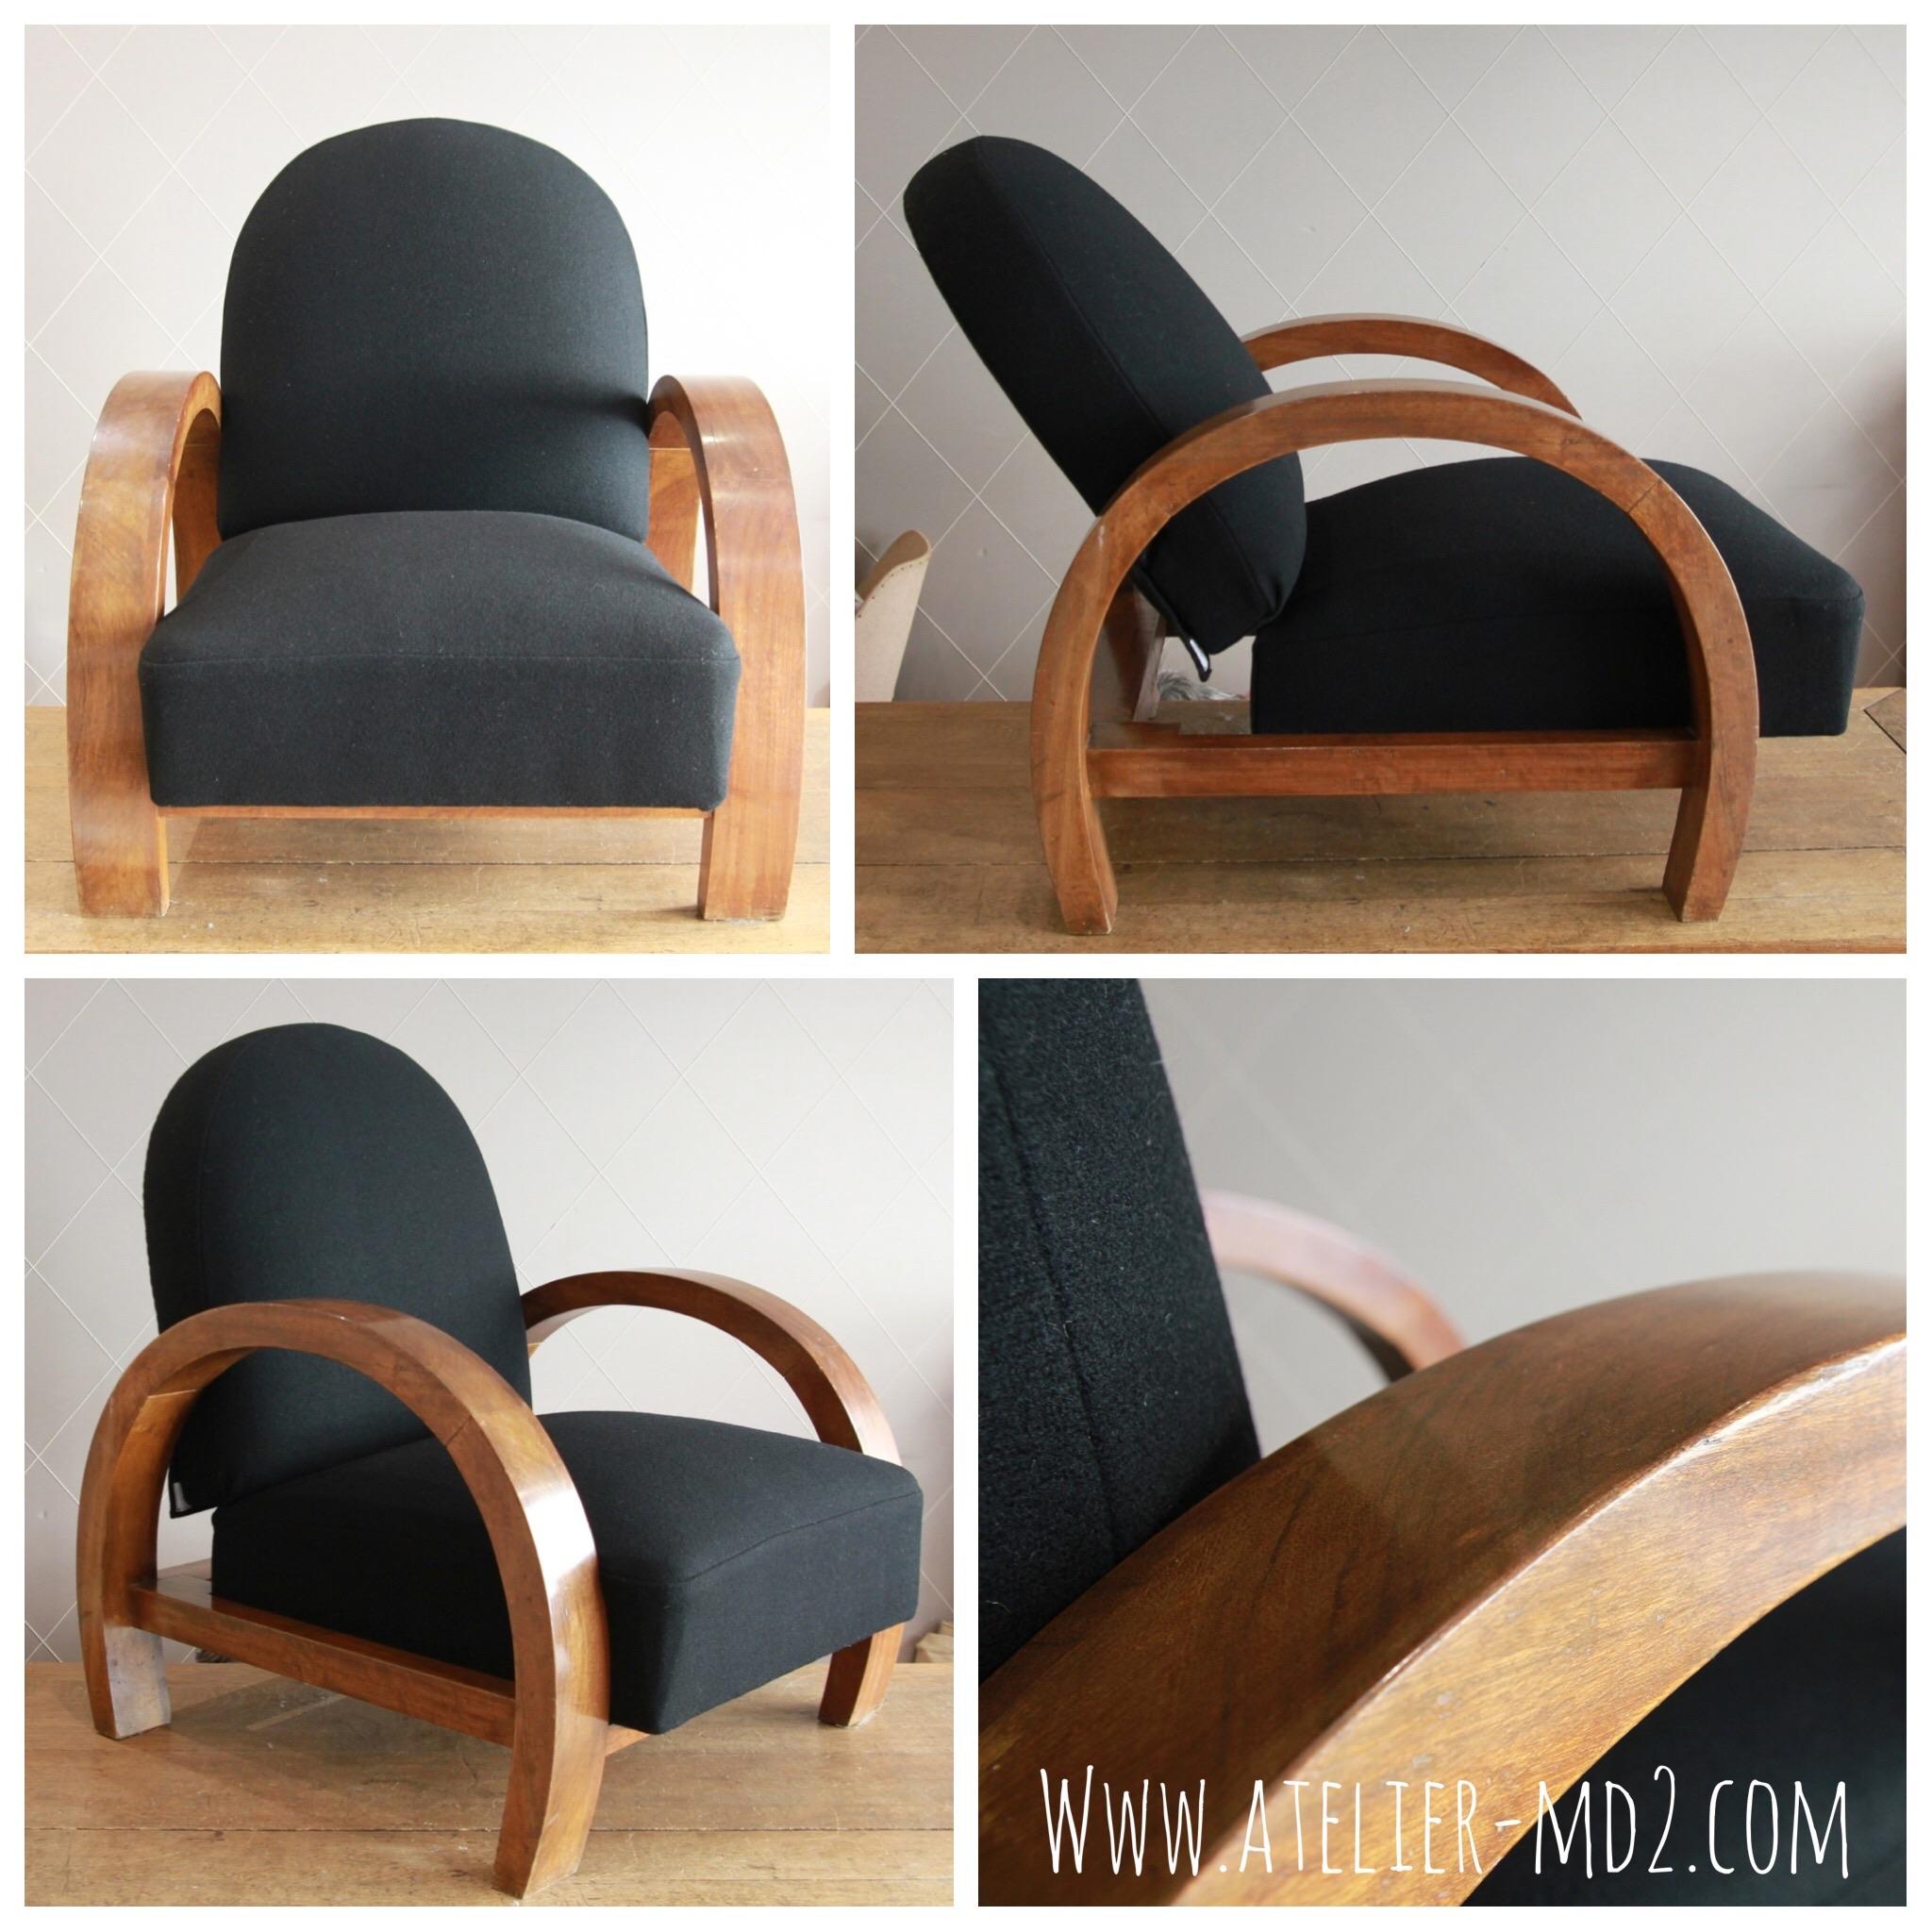 Singulier fauteuil Art Déco 1930 en laine noire